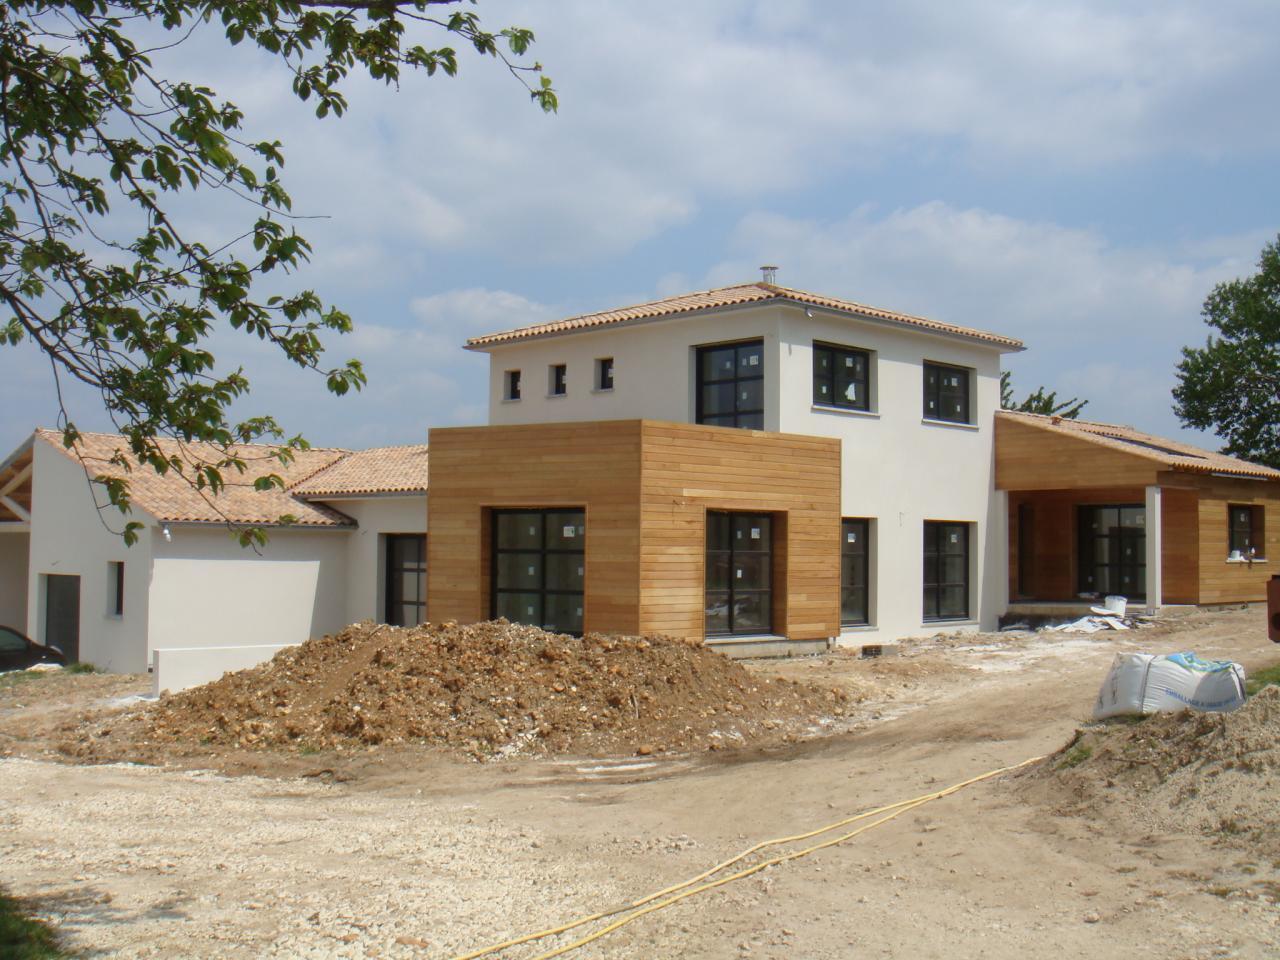 Photographie de la maison en cours de construction